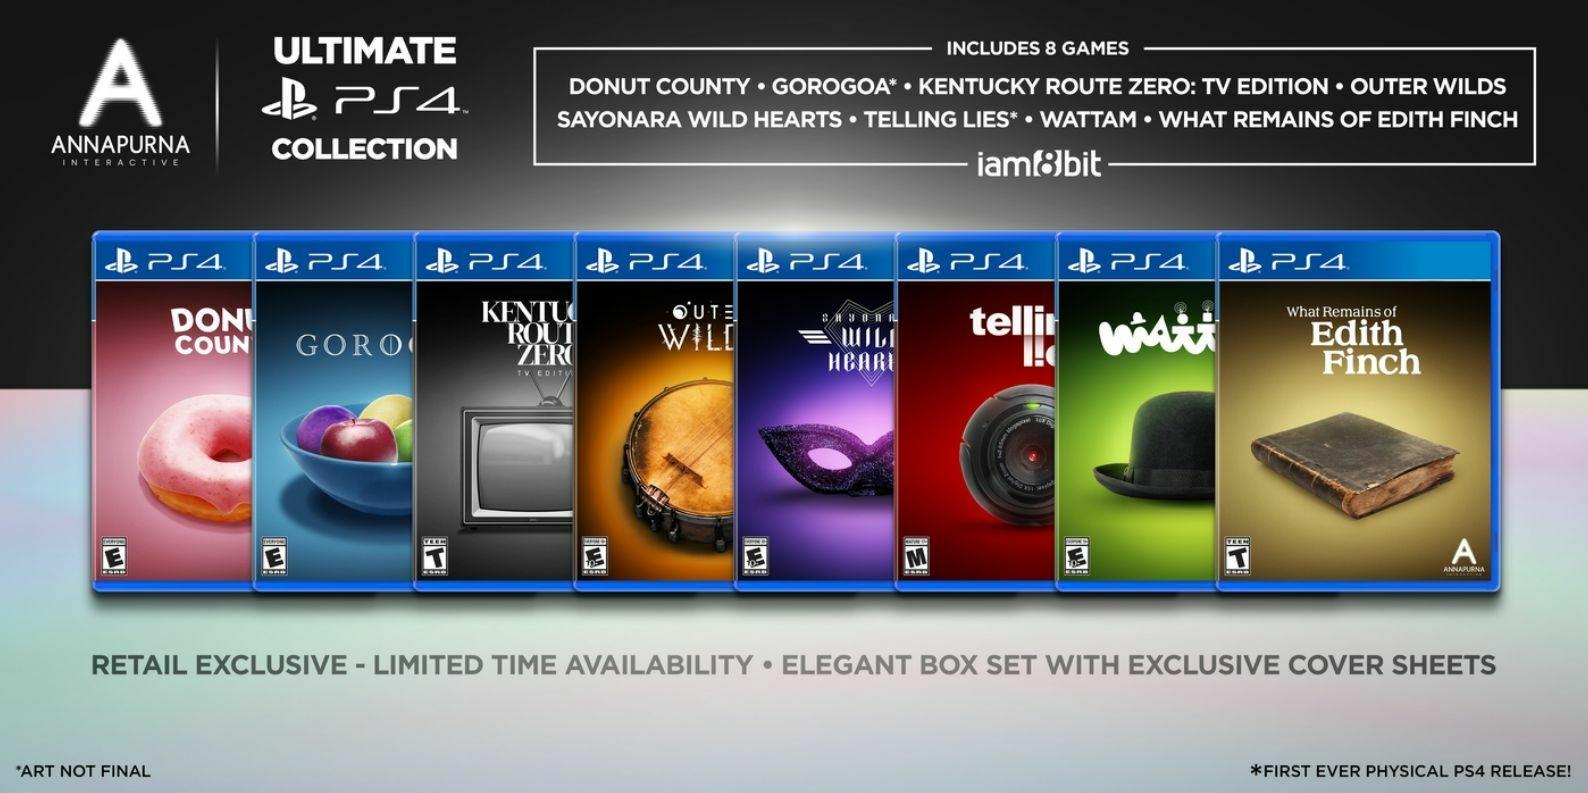 Annapurna выпустит коллекционный набор своих игр для PS4